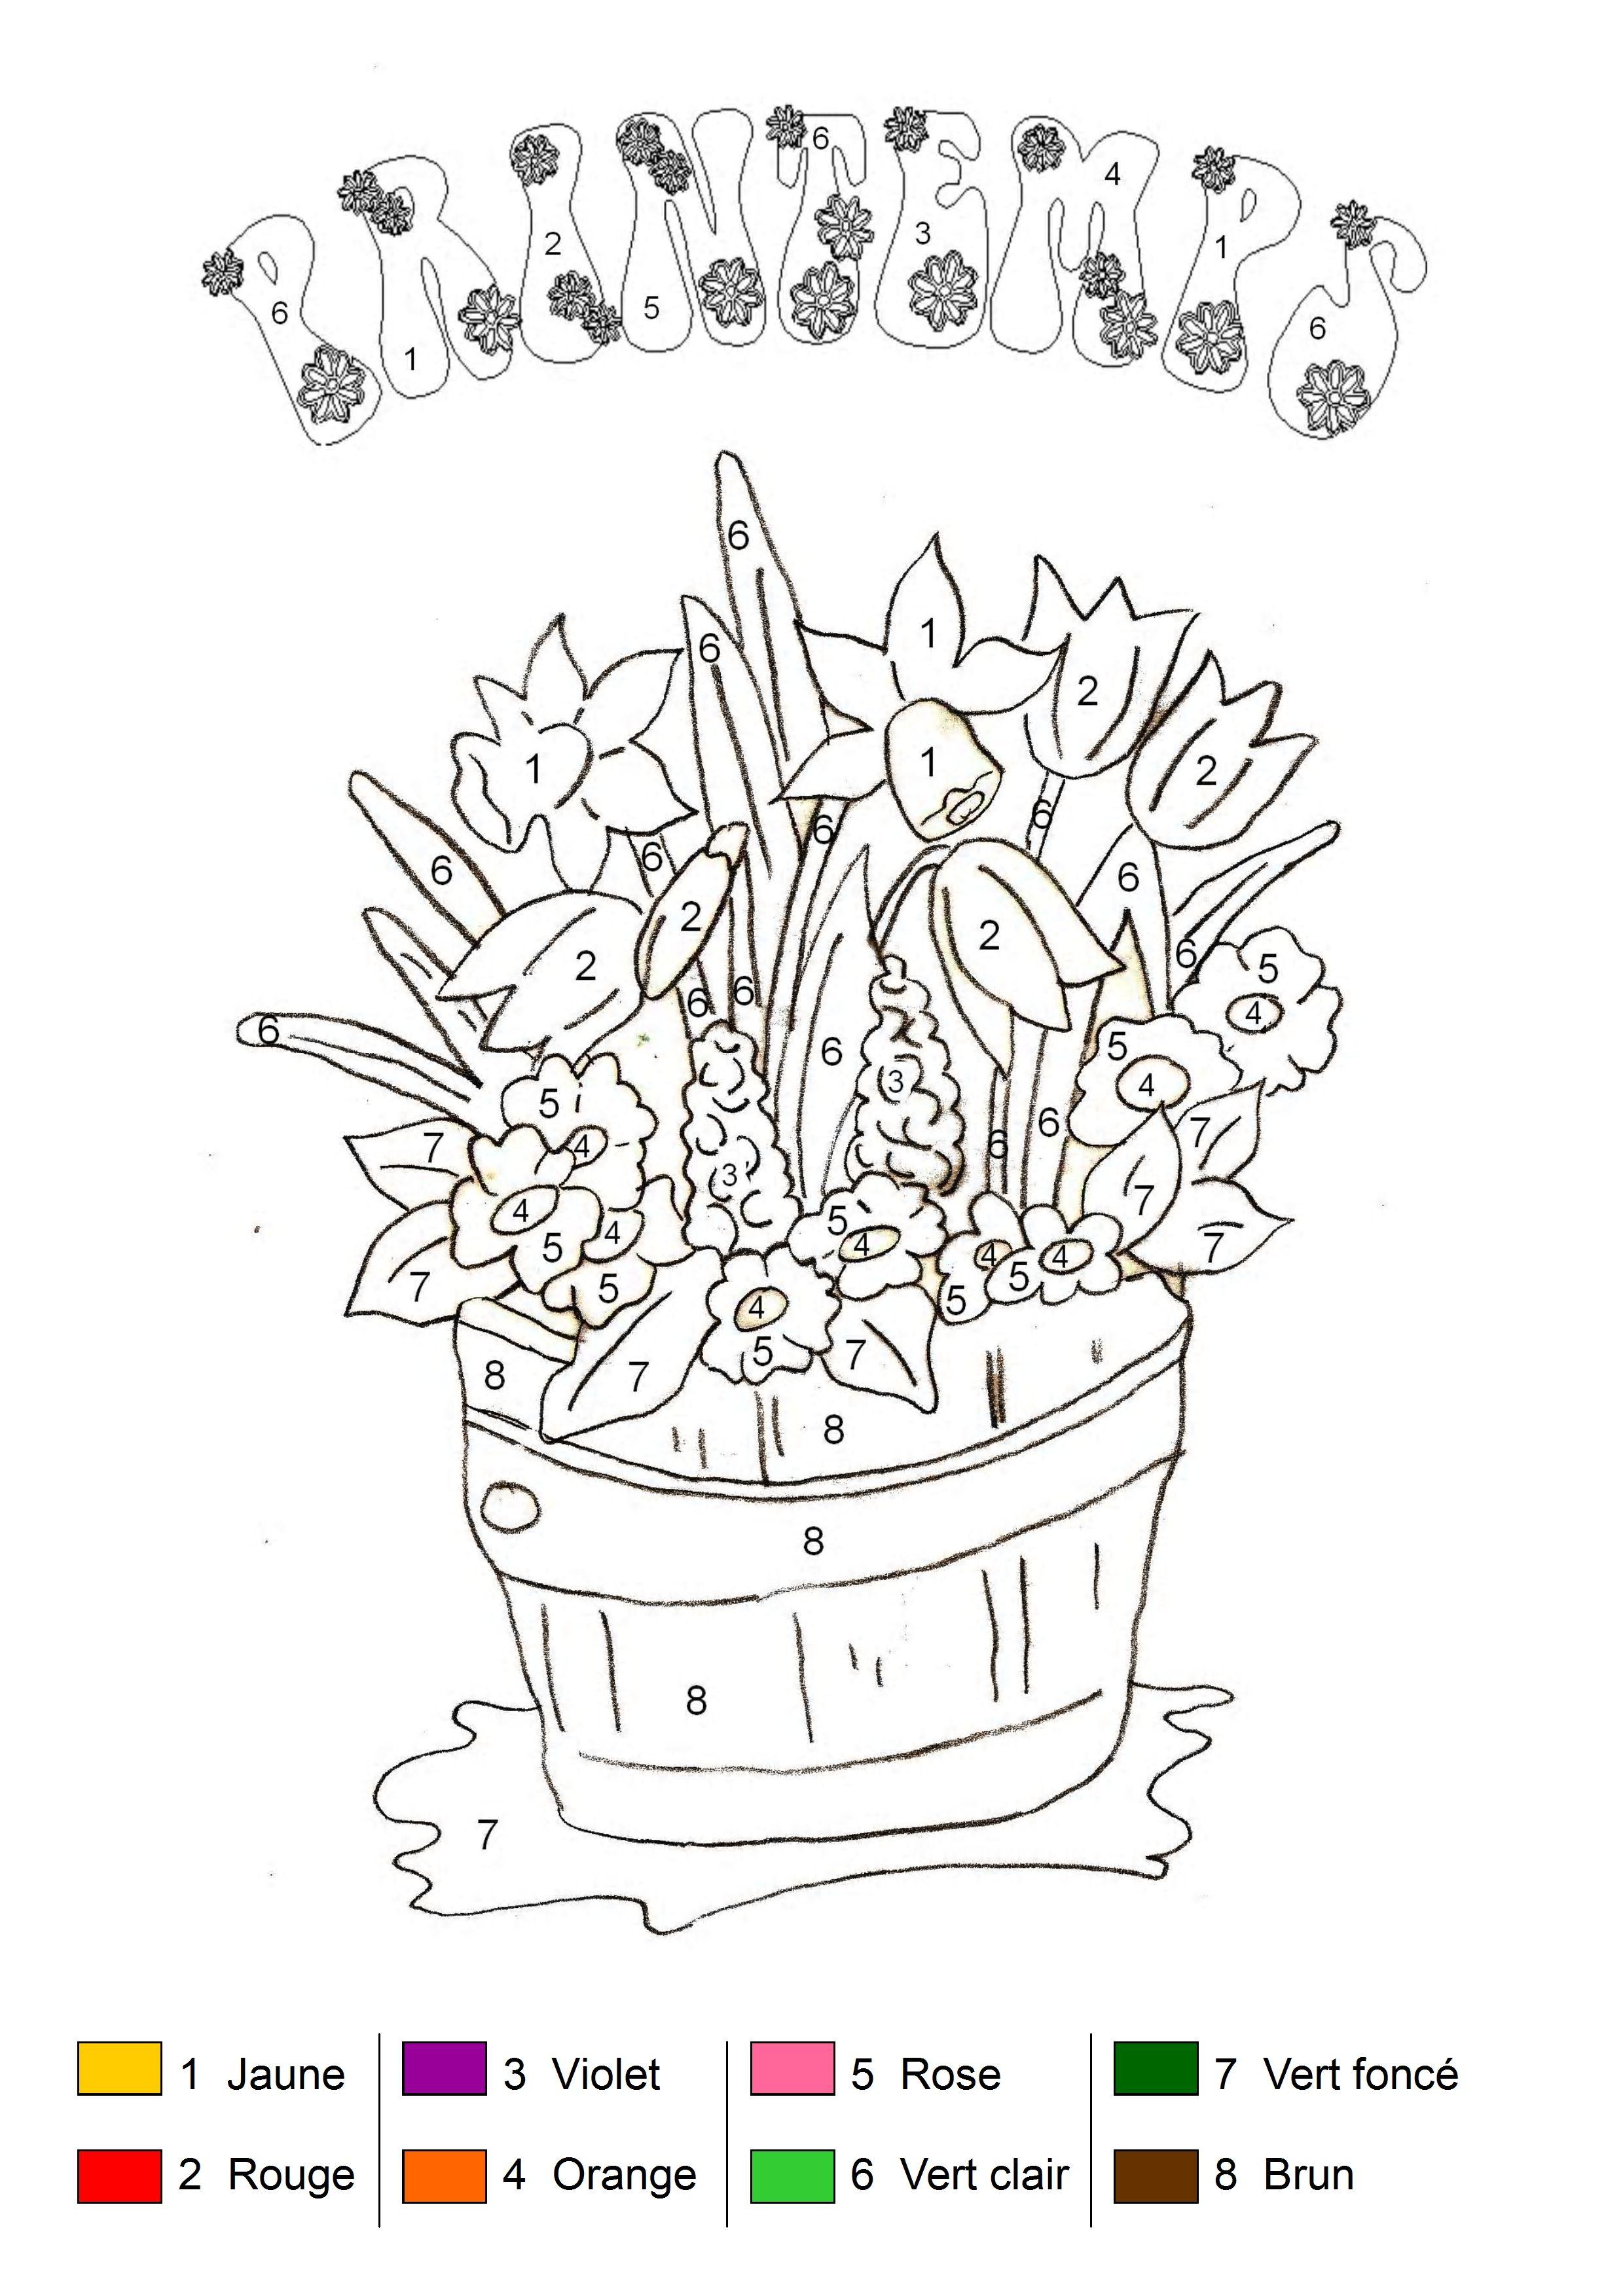 Coloriage printemps maternelle coloriage coloriage printemps coloriage printemps maternelle - Chat a colorier maternelle ...